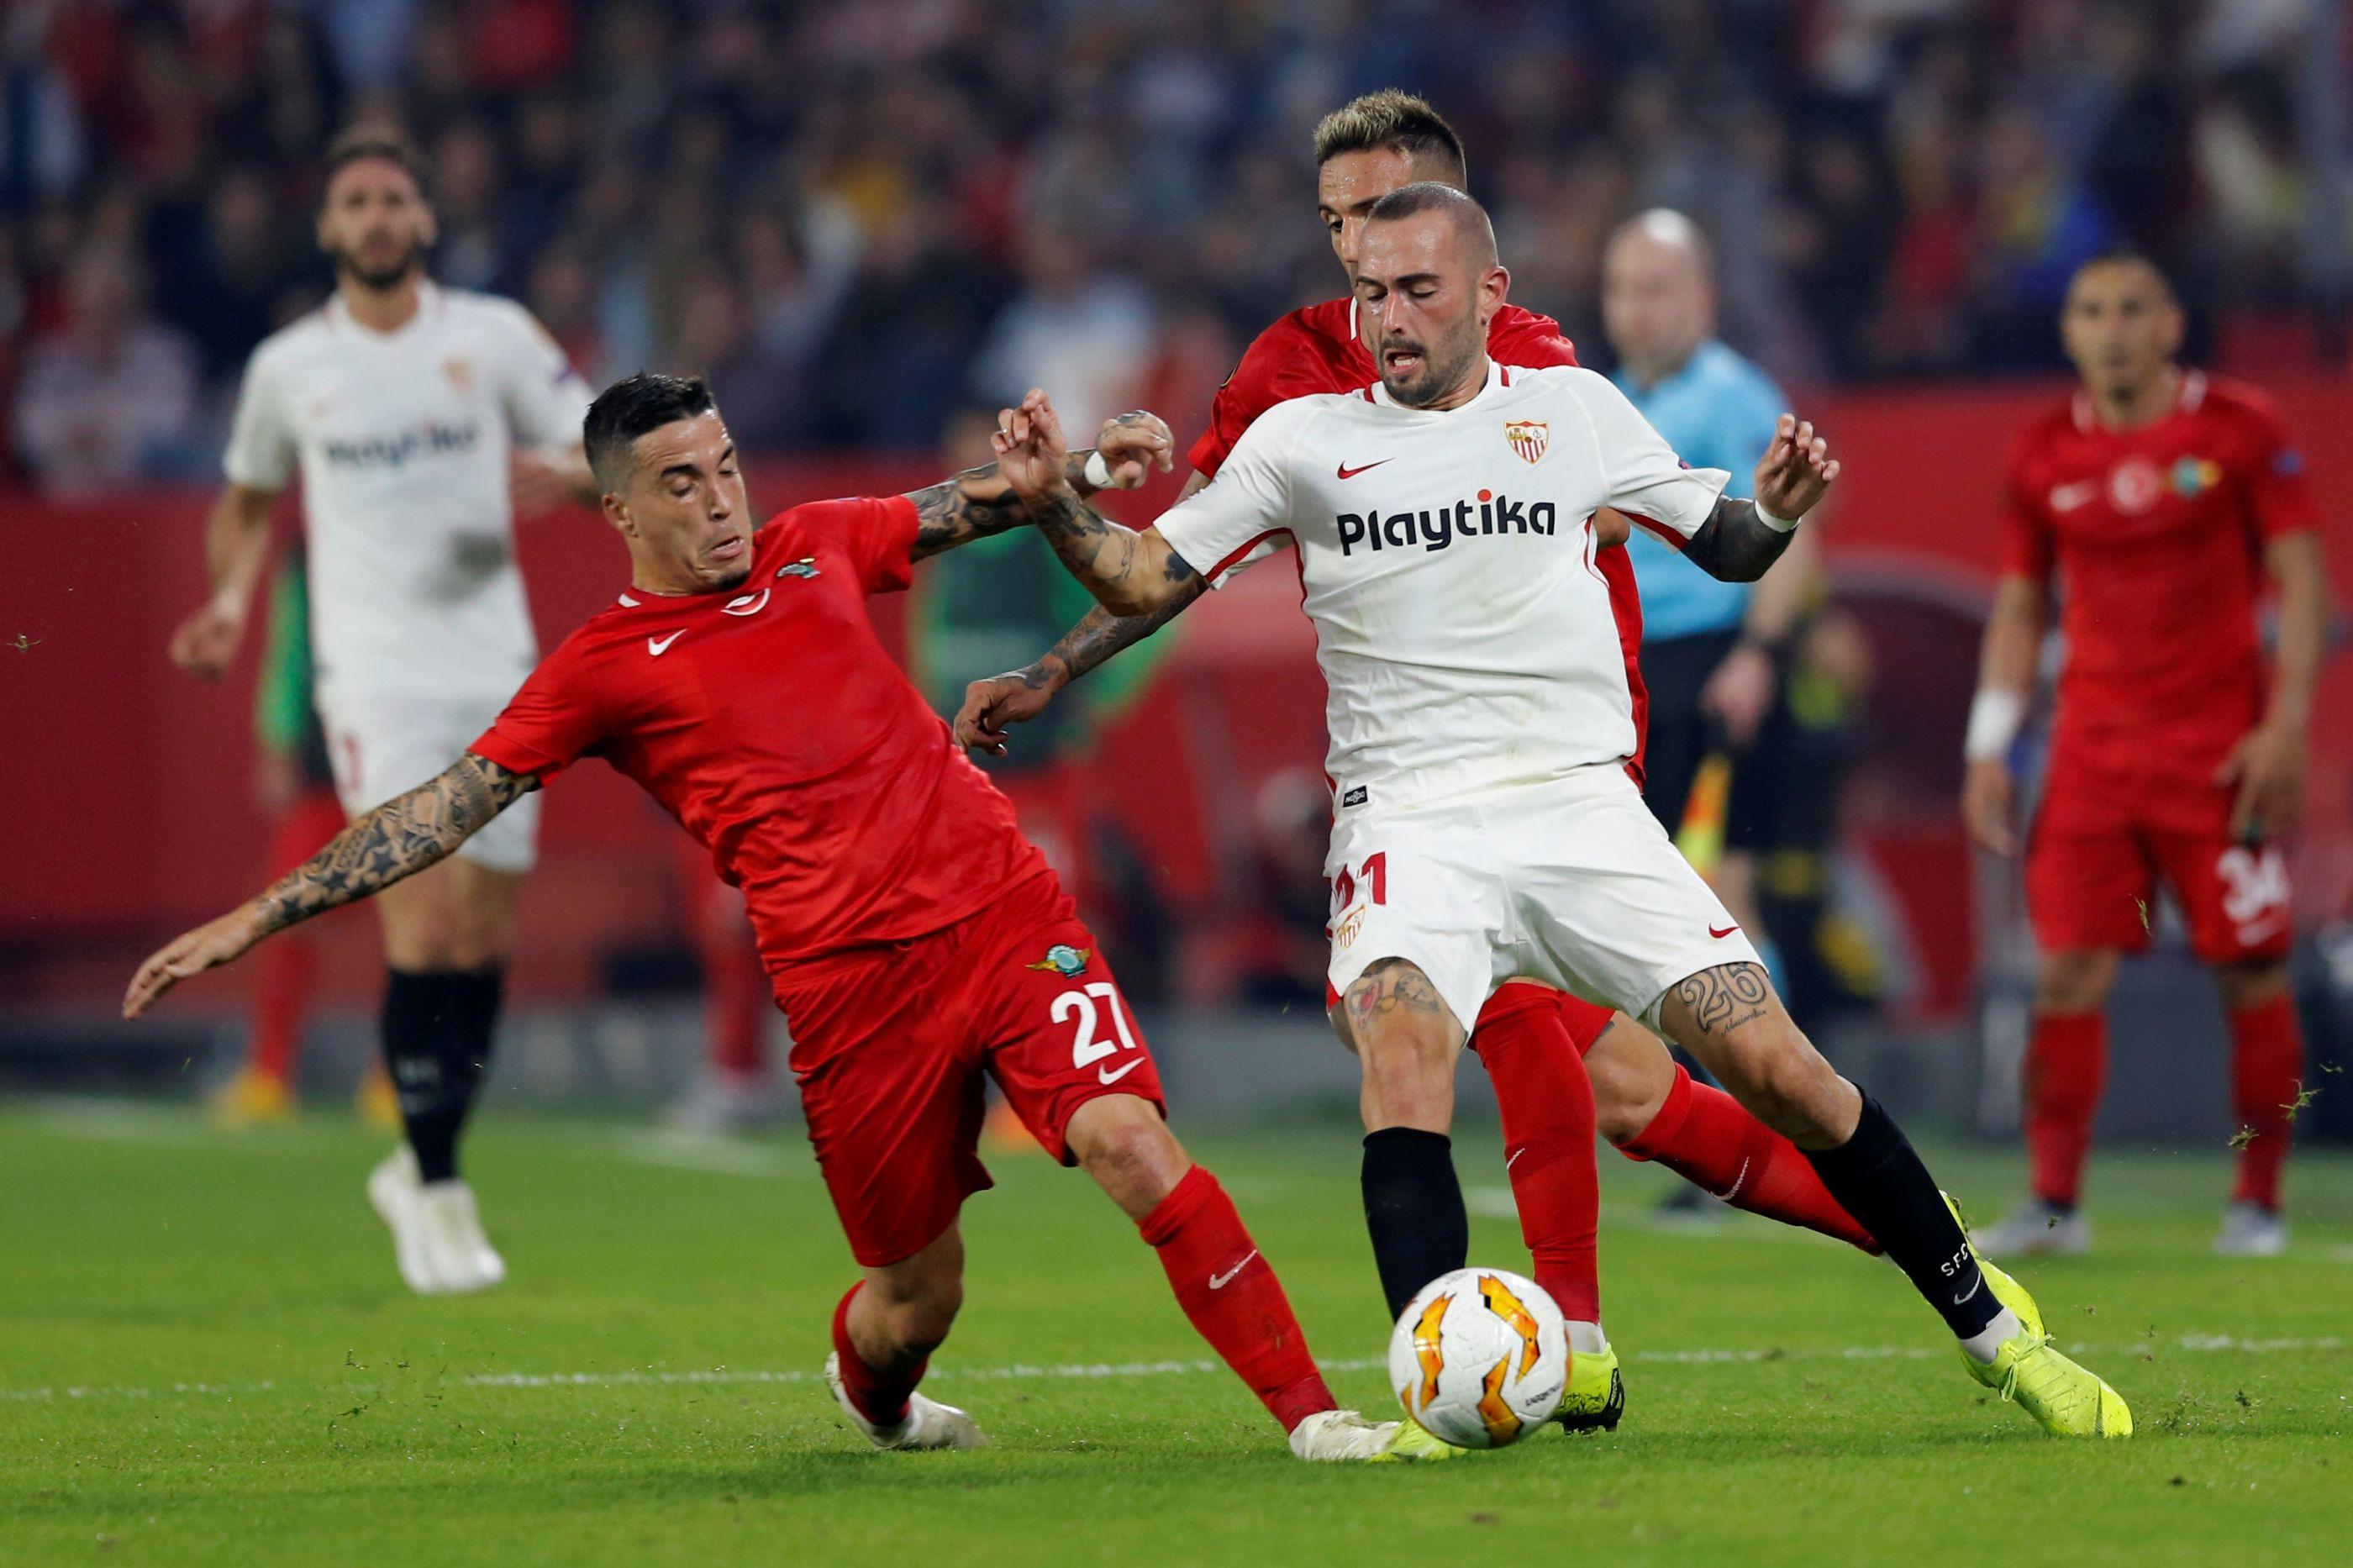 Liga Europa: 18 portugueses em campo, mas nem todos foram felizes